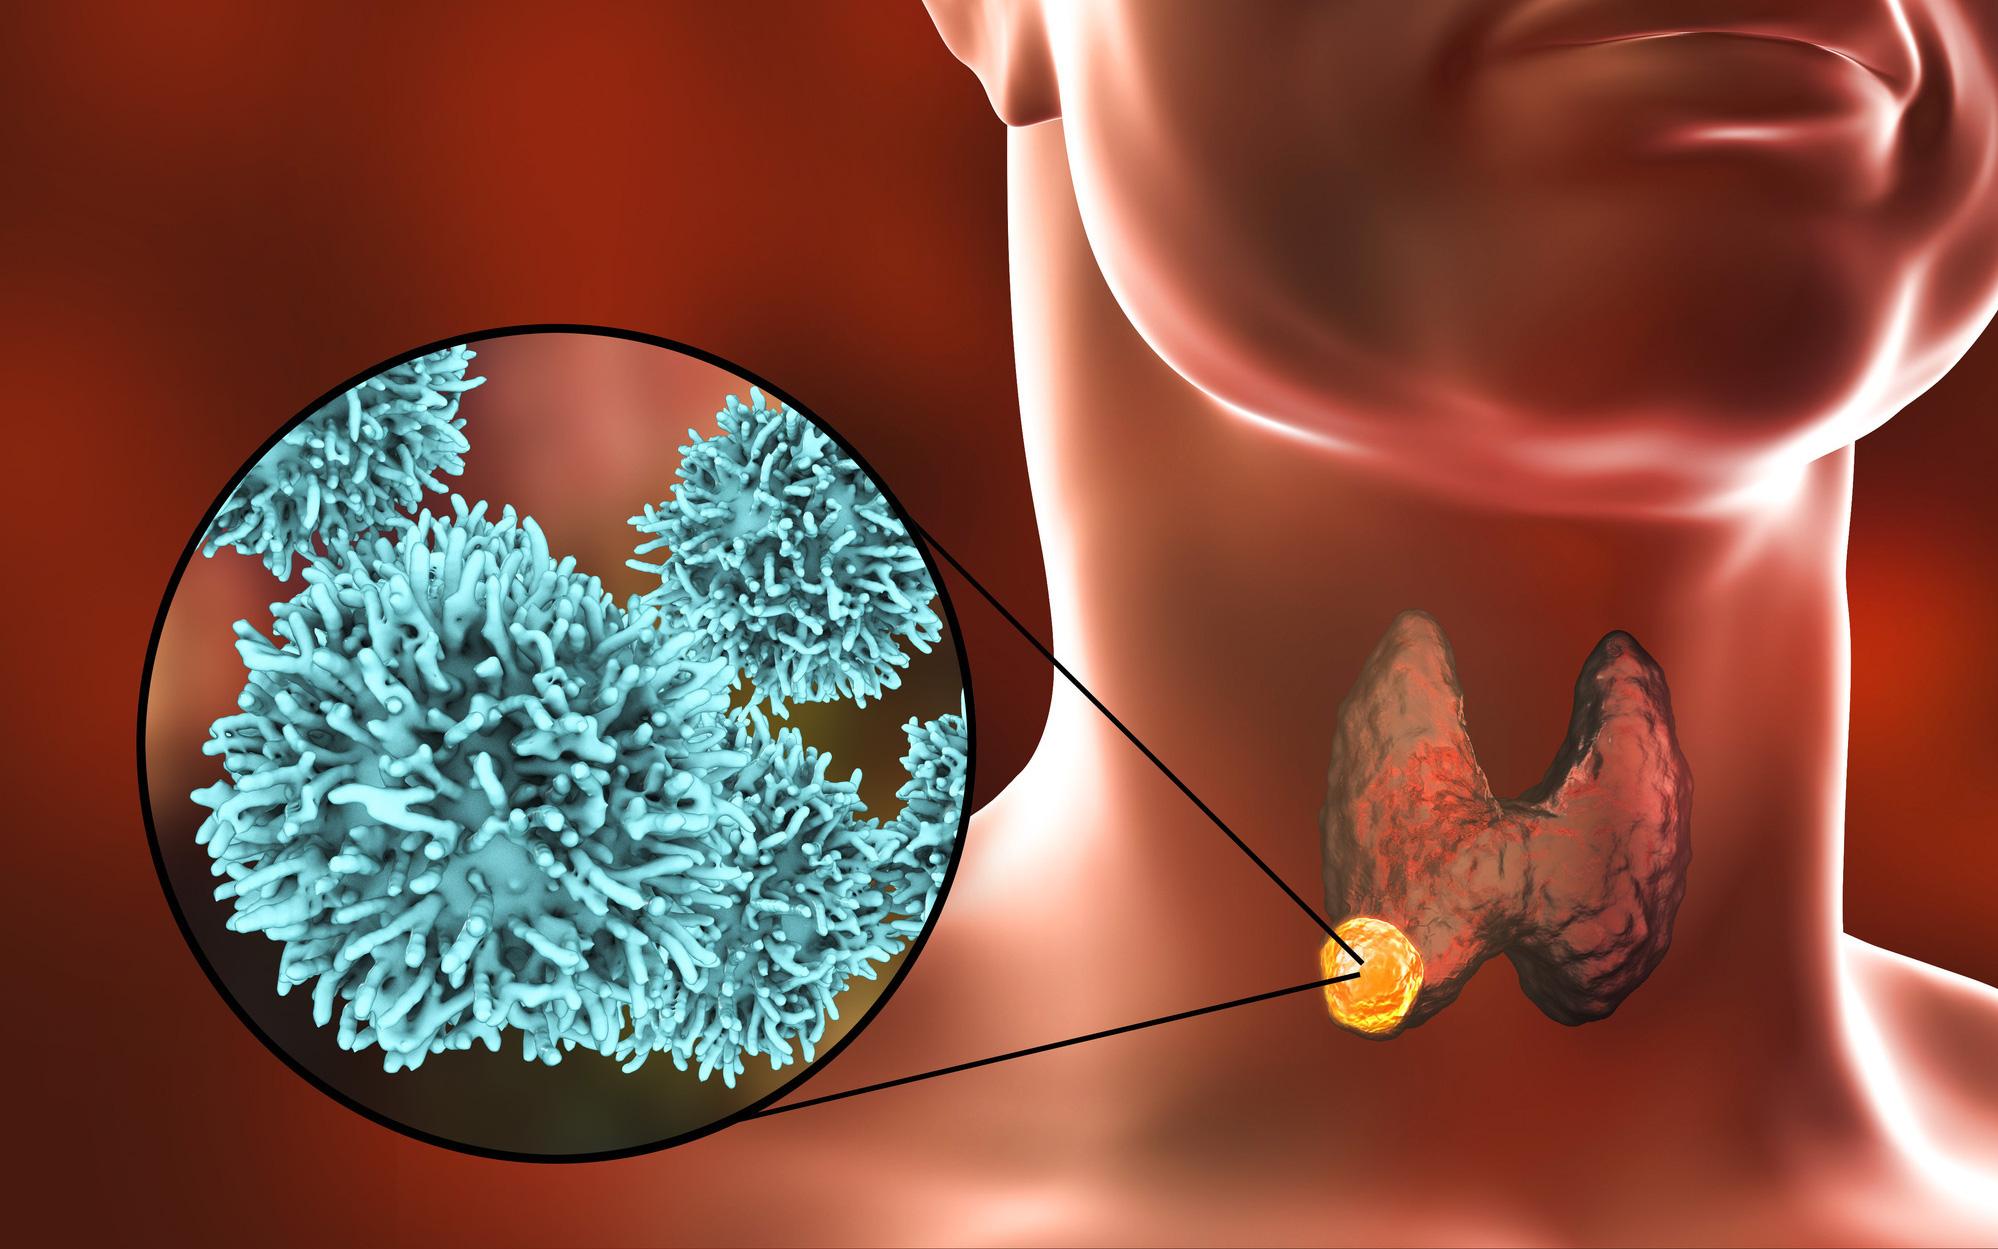 Ung thư tuyến giáp ngày càng trẻ hoá: thấy 6 điểm bất thường này xung quanh vùng cổ thì bạn nên đi khám ngay